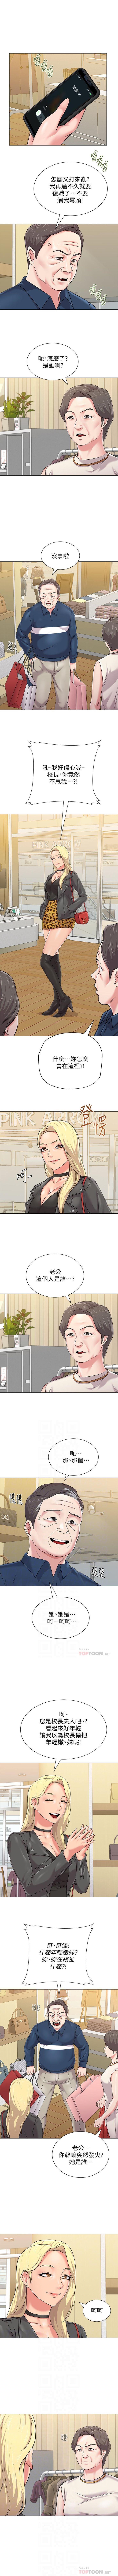 老師 1-80 官方中文(連載中) 365